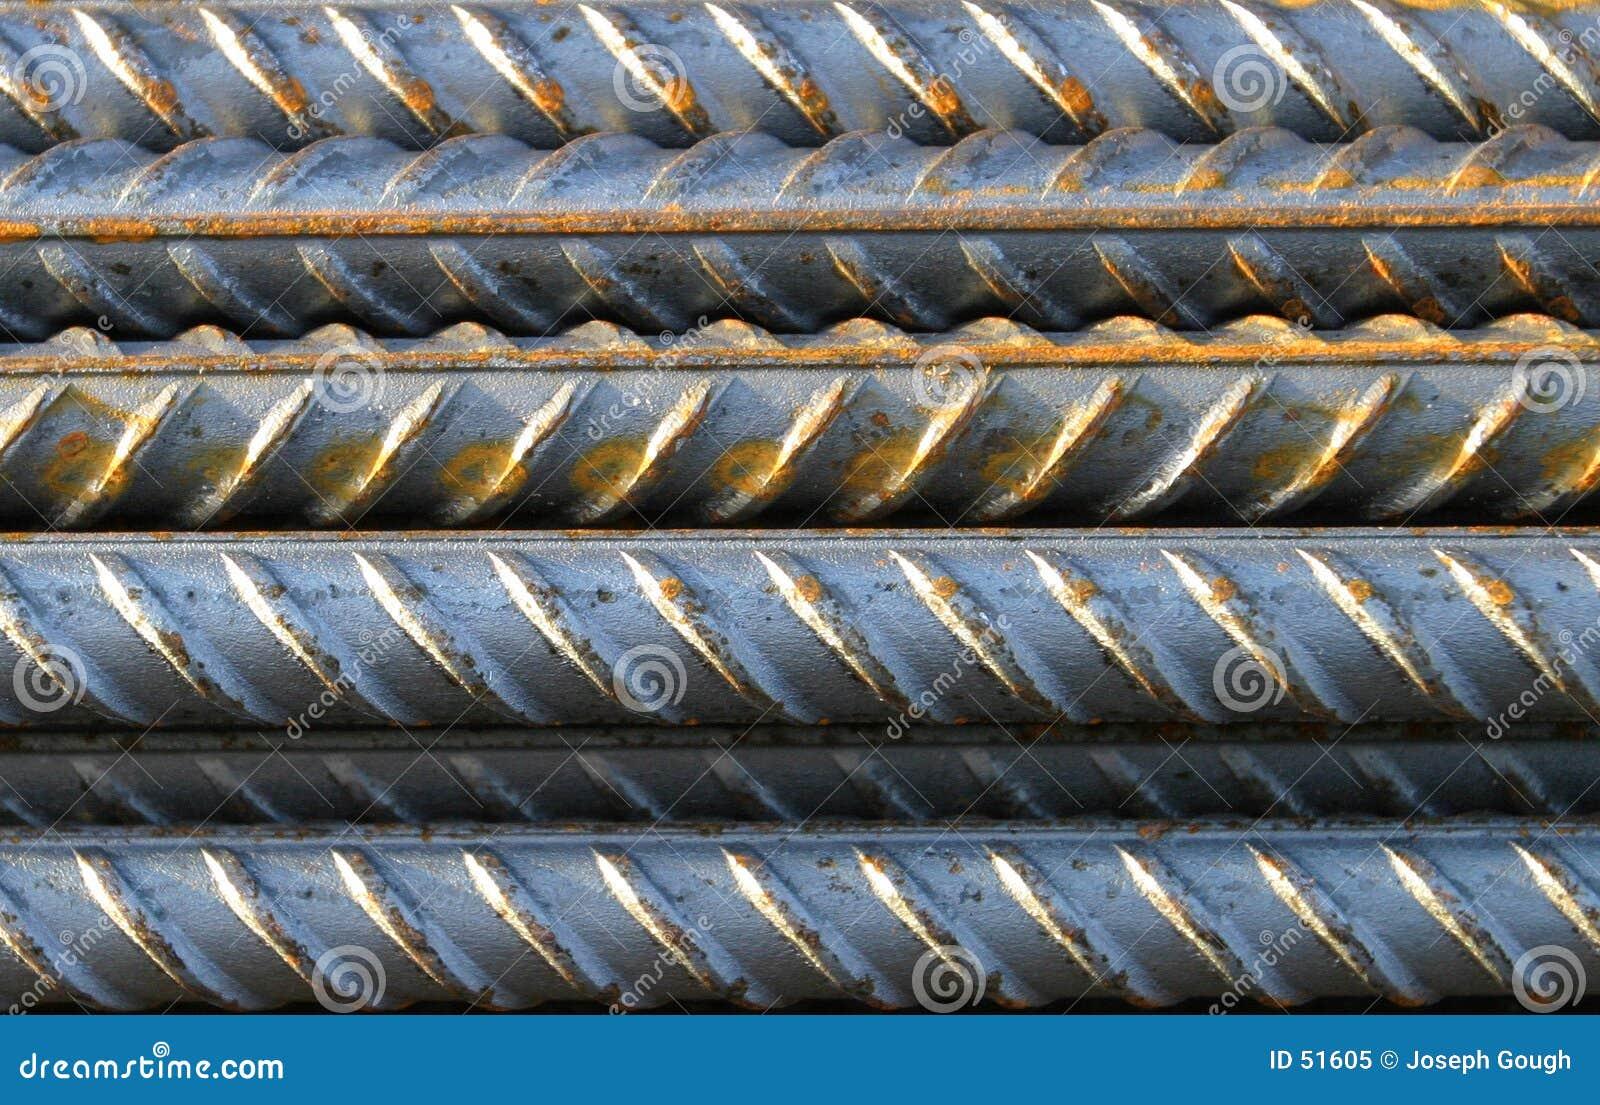 Barras de acero 1